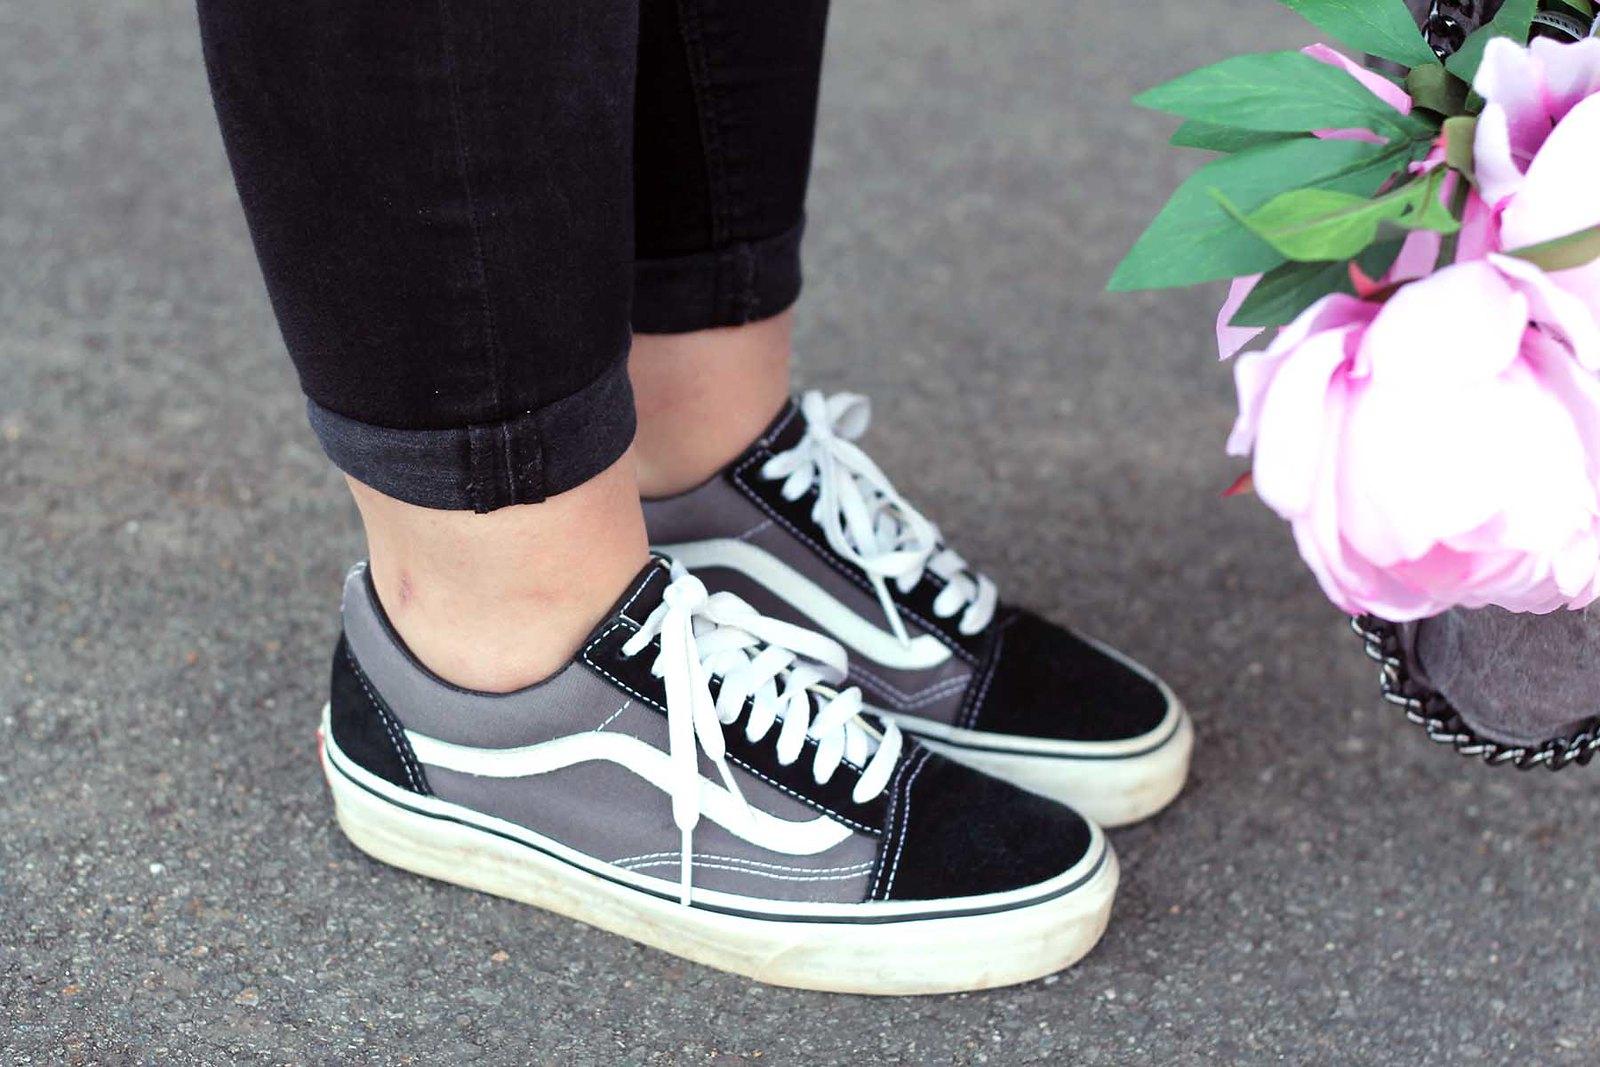 schuhe-sneaker-vans-schwarz-trend-look-outfit